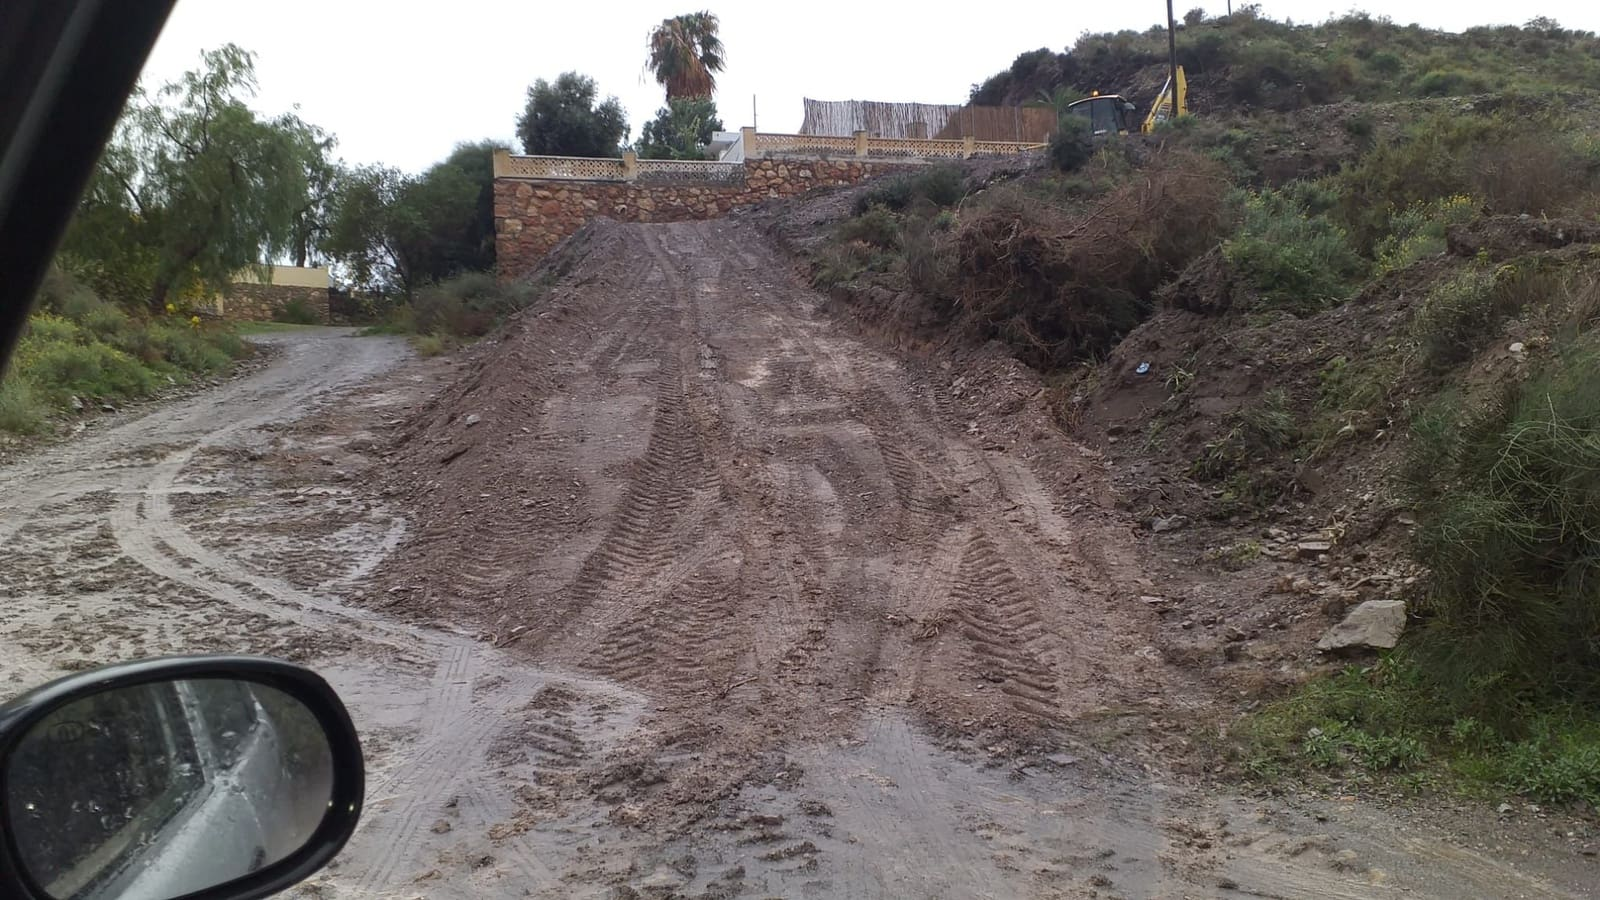 Działka budowlana na sprzedaż w Aguilas - 79 000 € (Ref: 5316777)